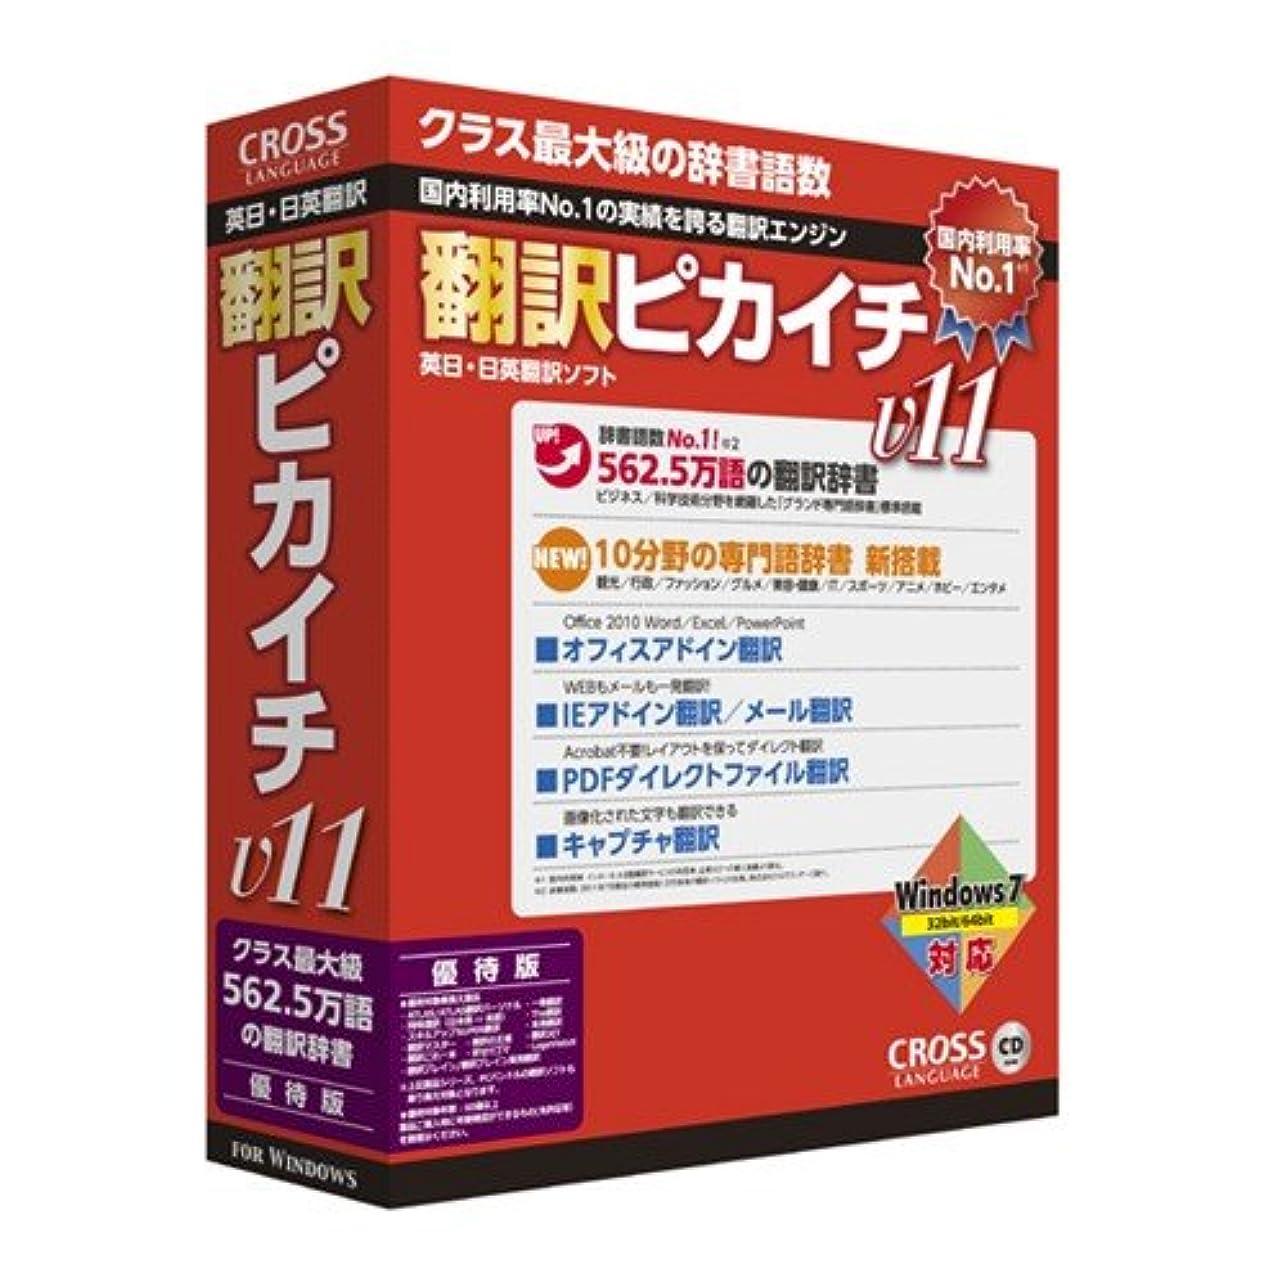 期待するスマートふける翻訳ピカイチV11 優待版 for Windows